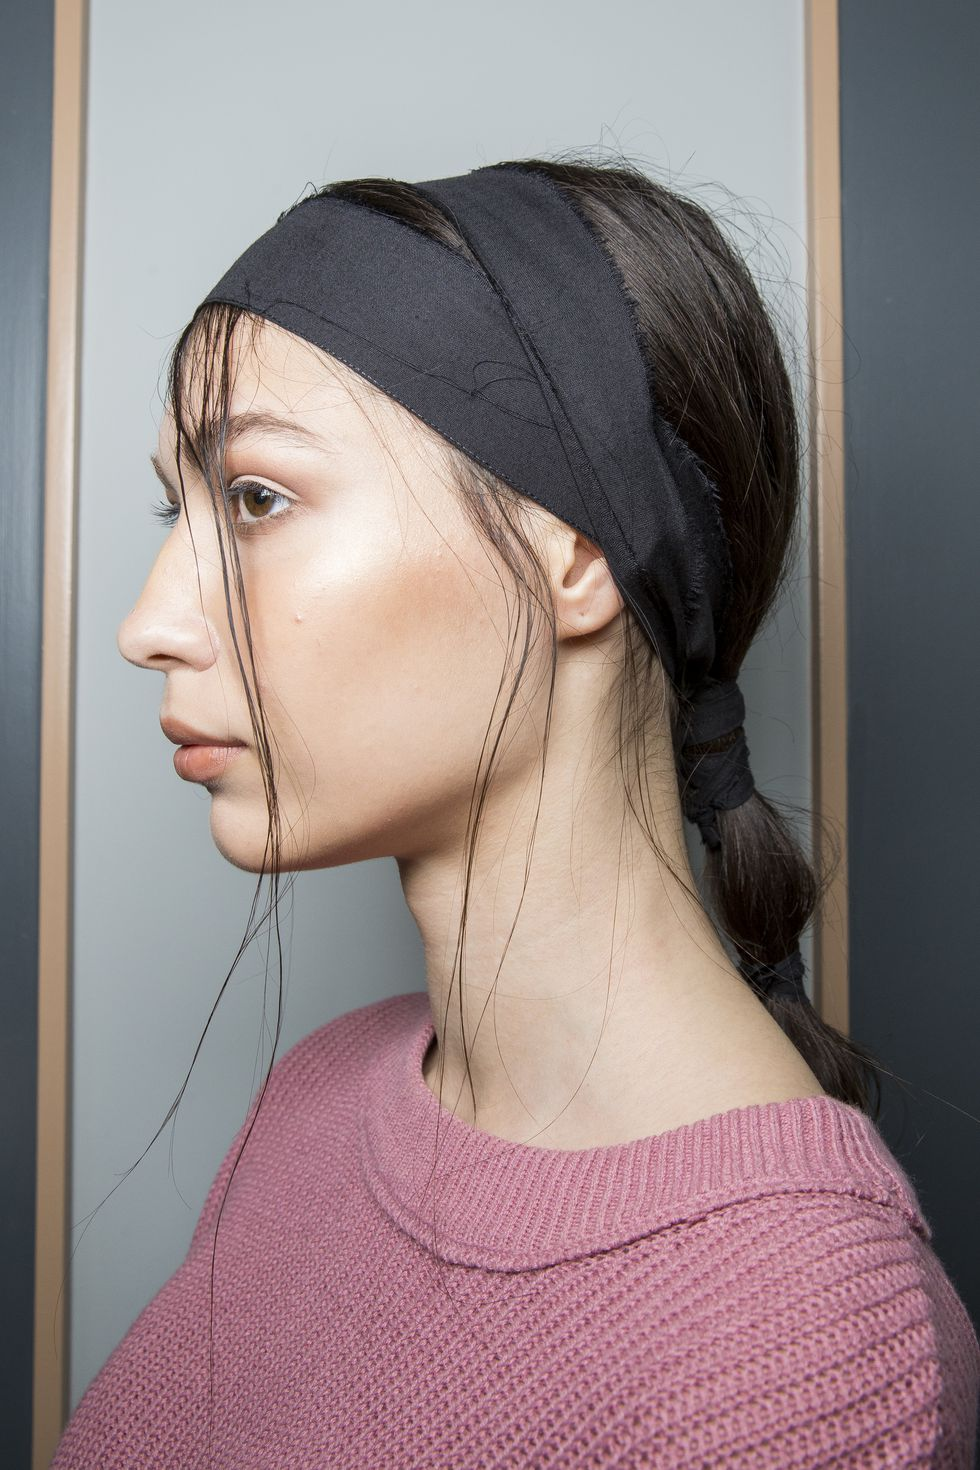 2019 WOMEN HAIR STYLES_MORE EDGE HAIR CUTS 2